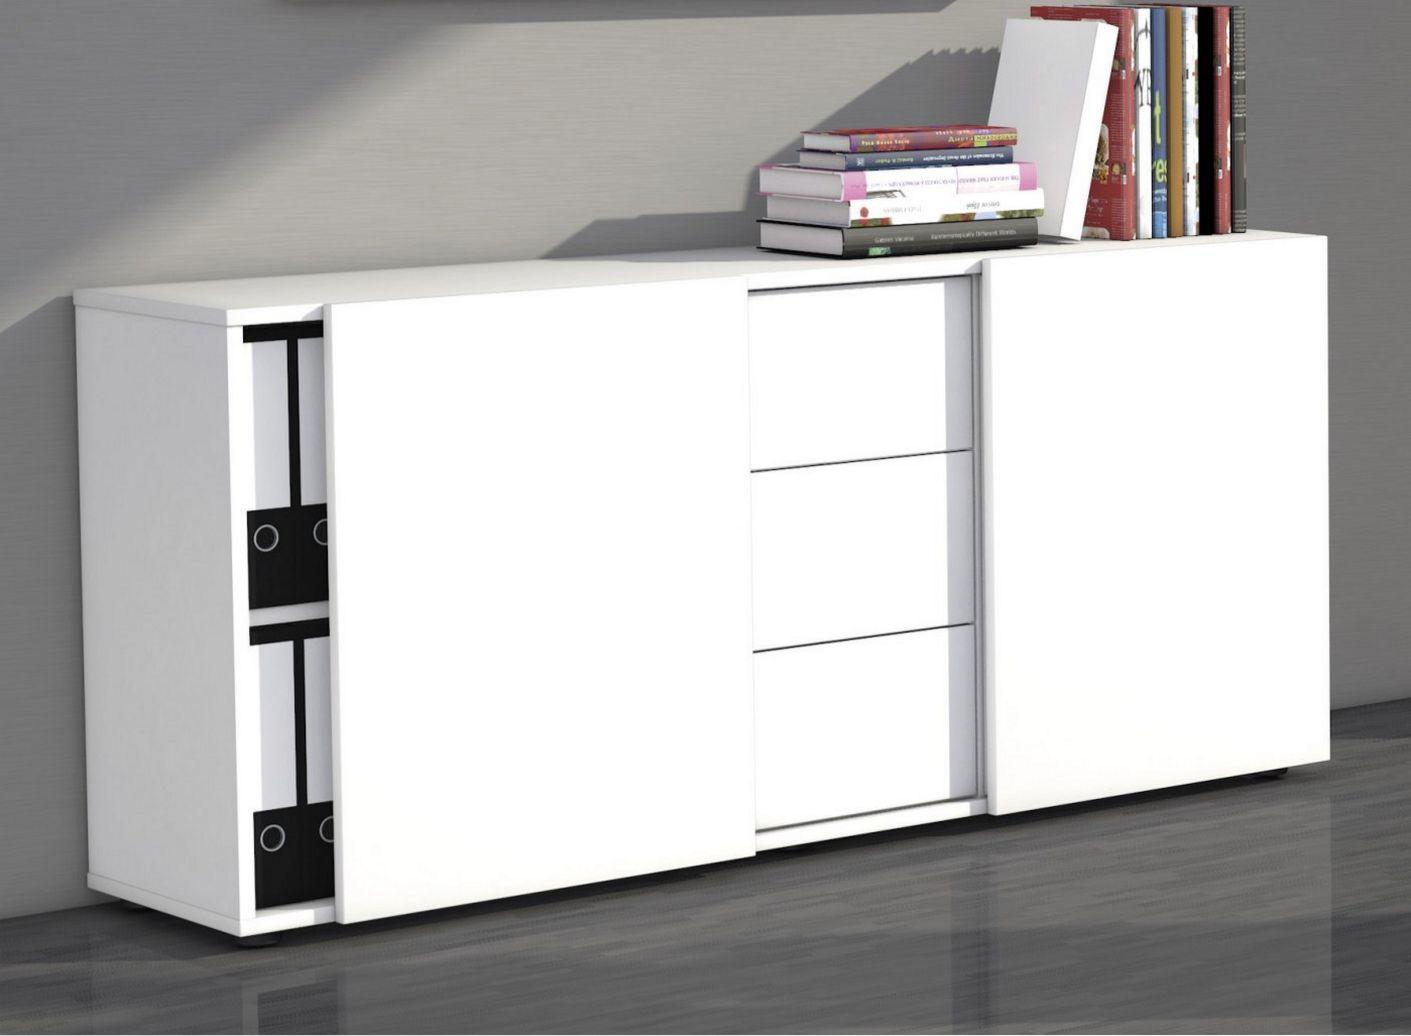 Bürosideboard weiß Schubladen u Schiebetüren